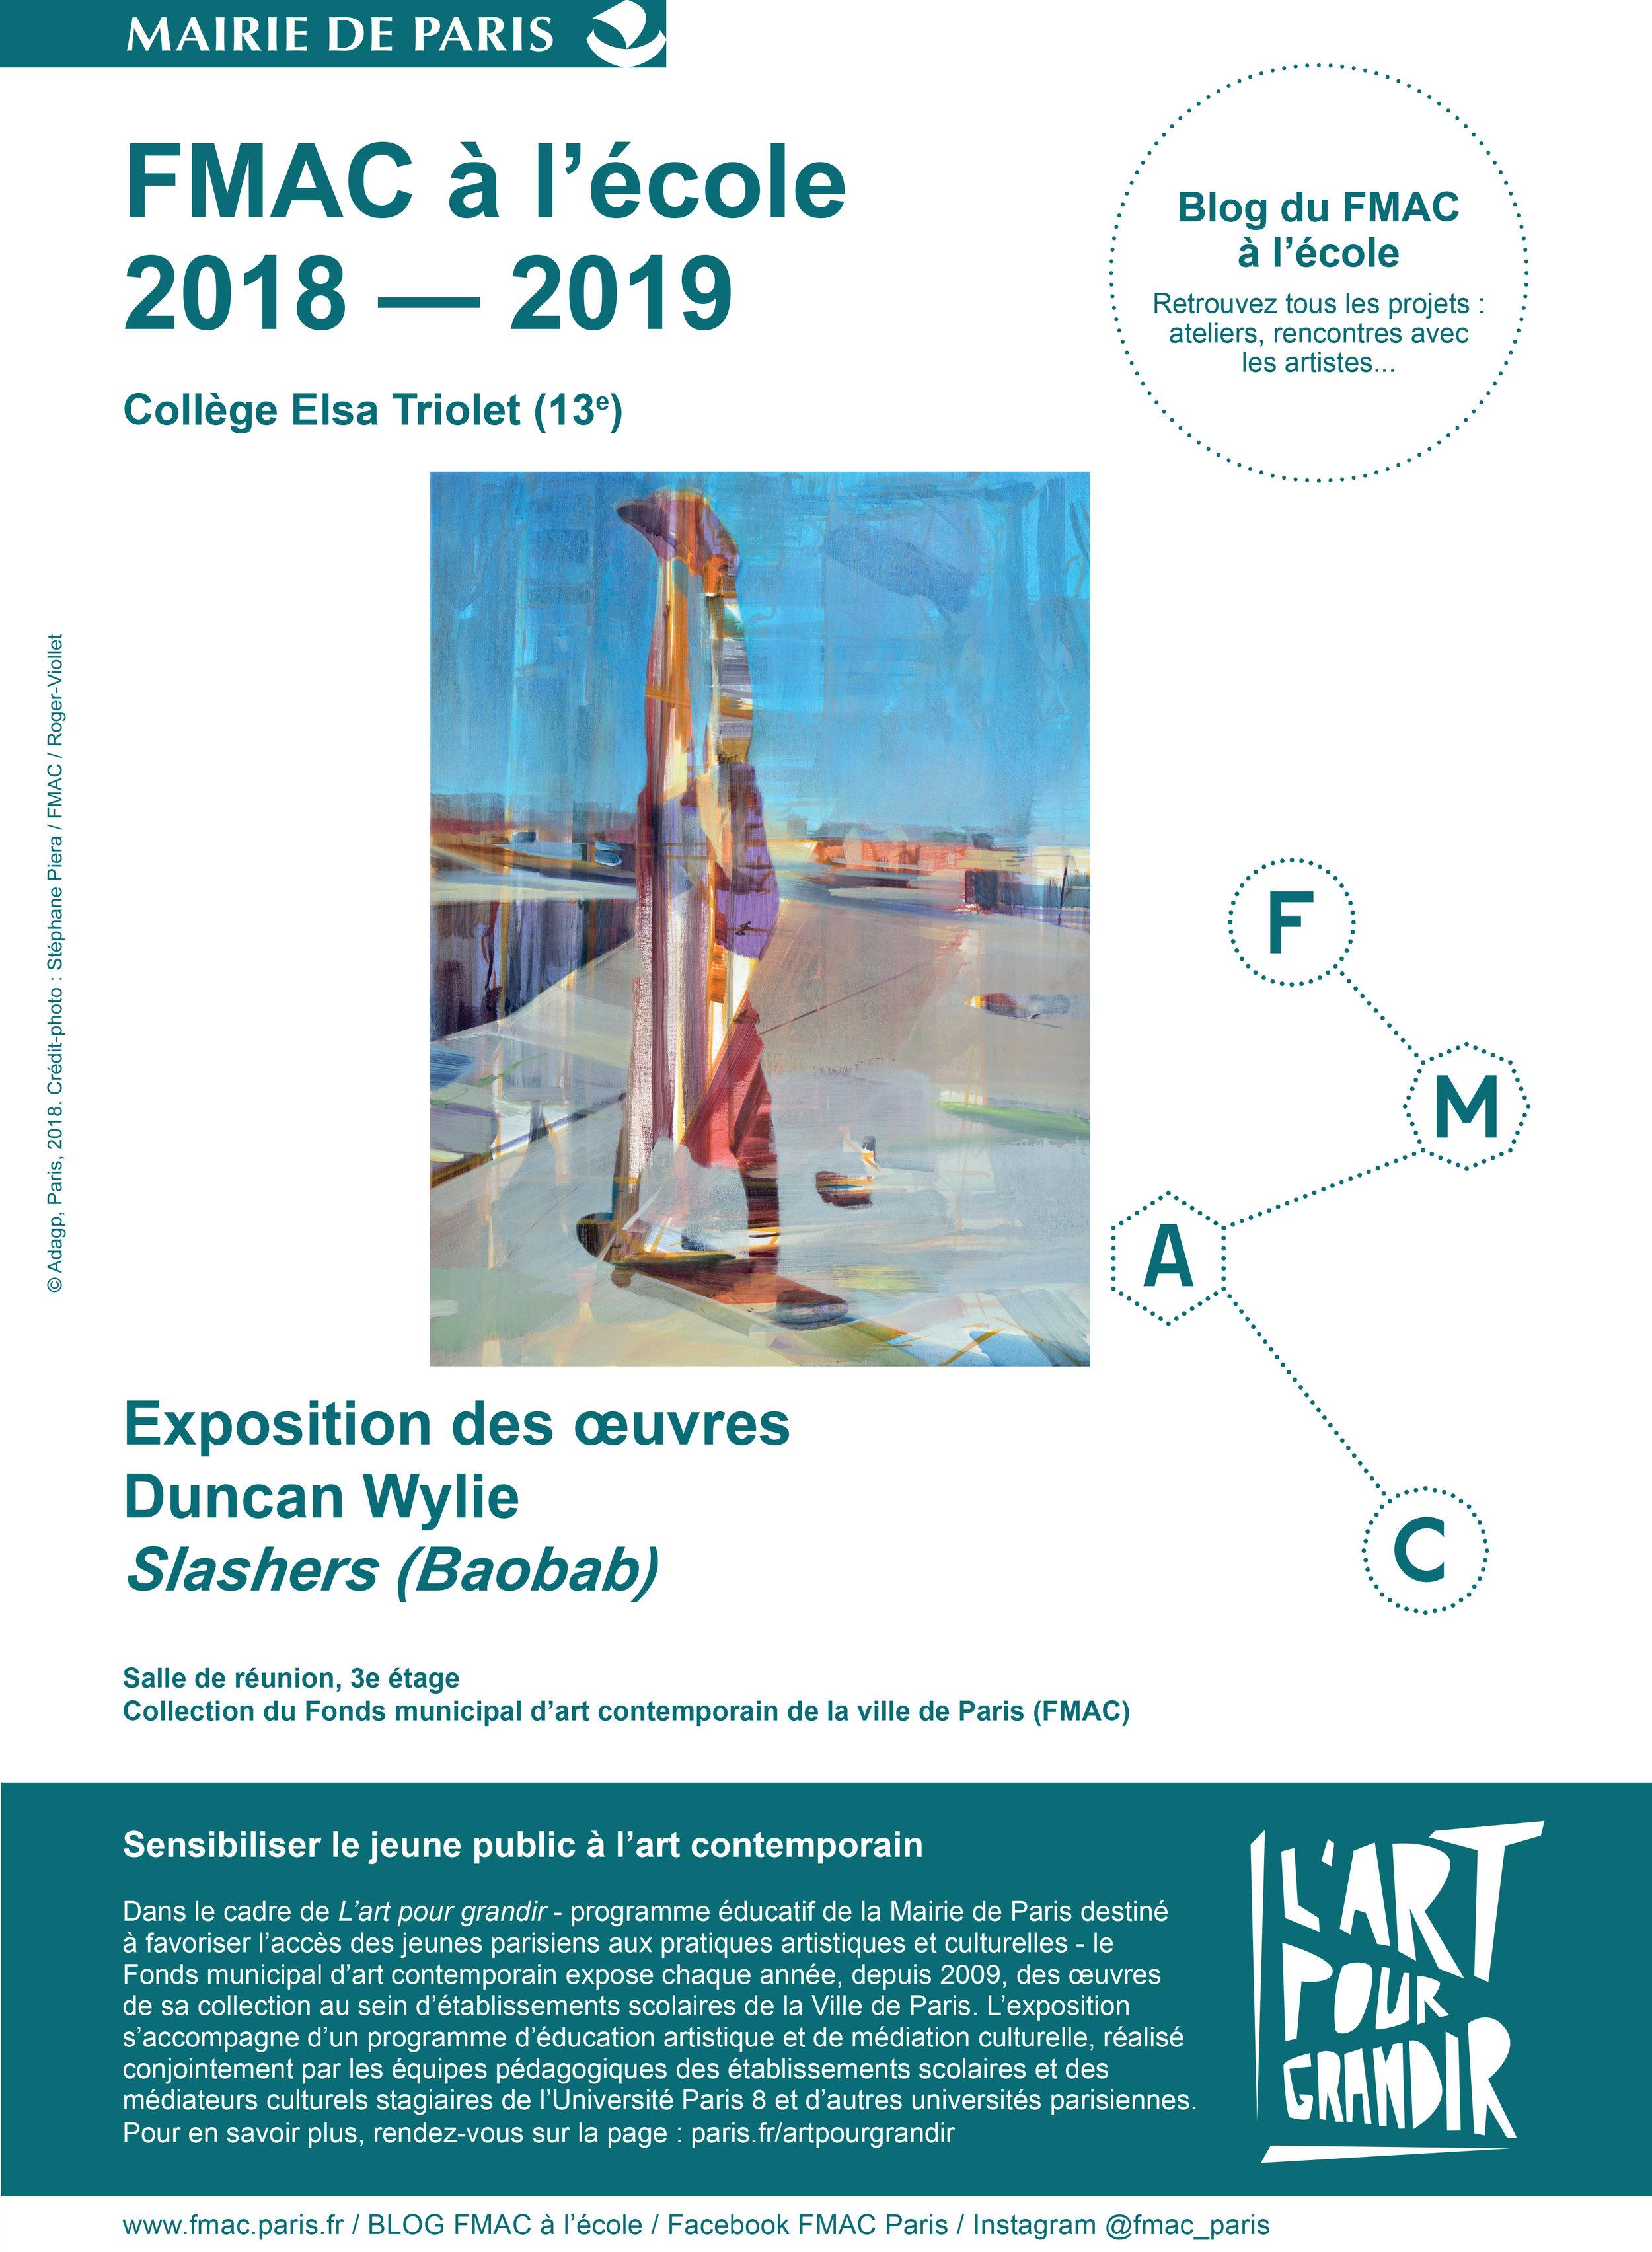 Affichette ter_signaletique_A3_ 1 exemplaire-5.jpg